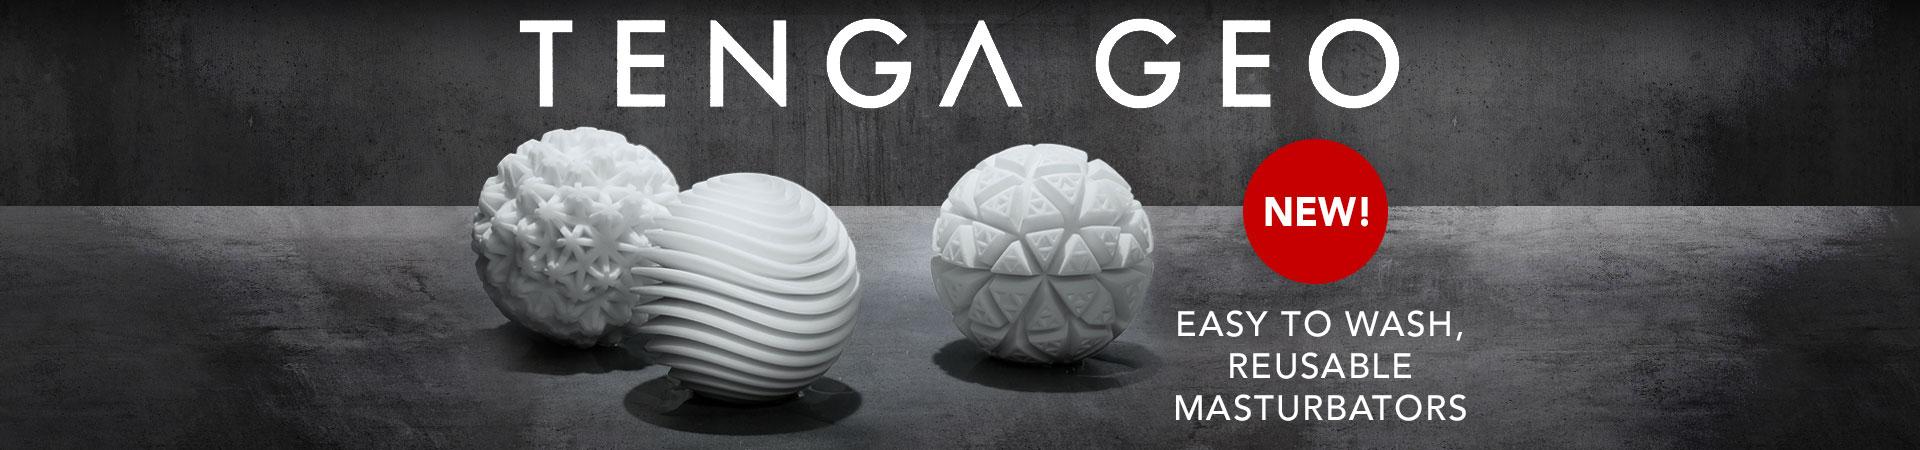 New Tenga Geo